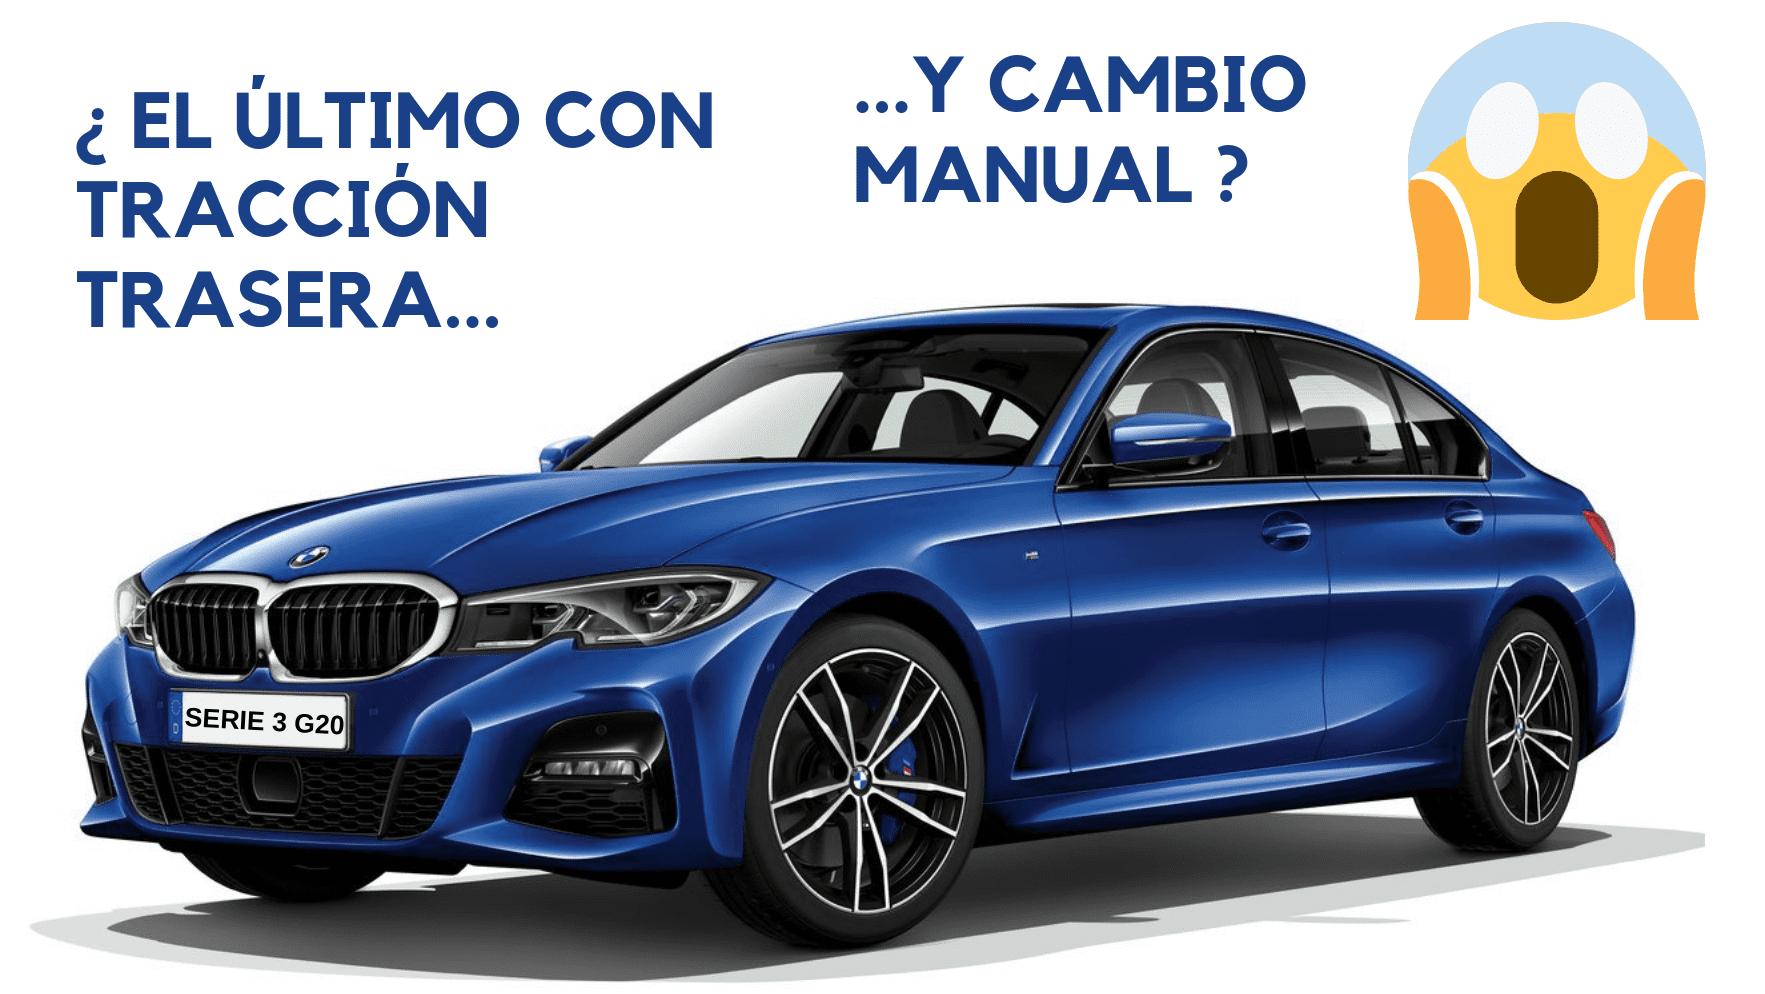 BMW Serie 3 G20: ¿El último Serie 3 auténtico?